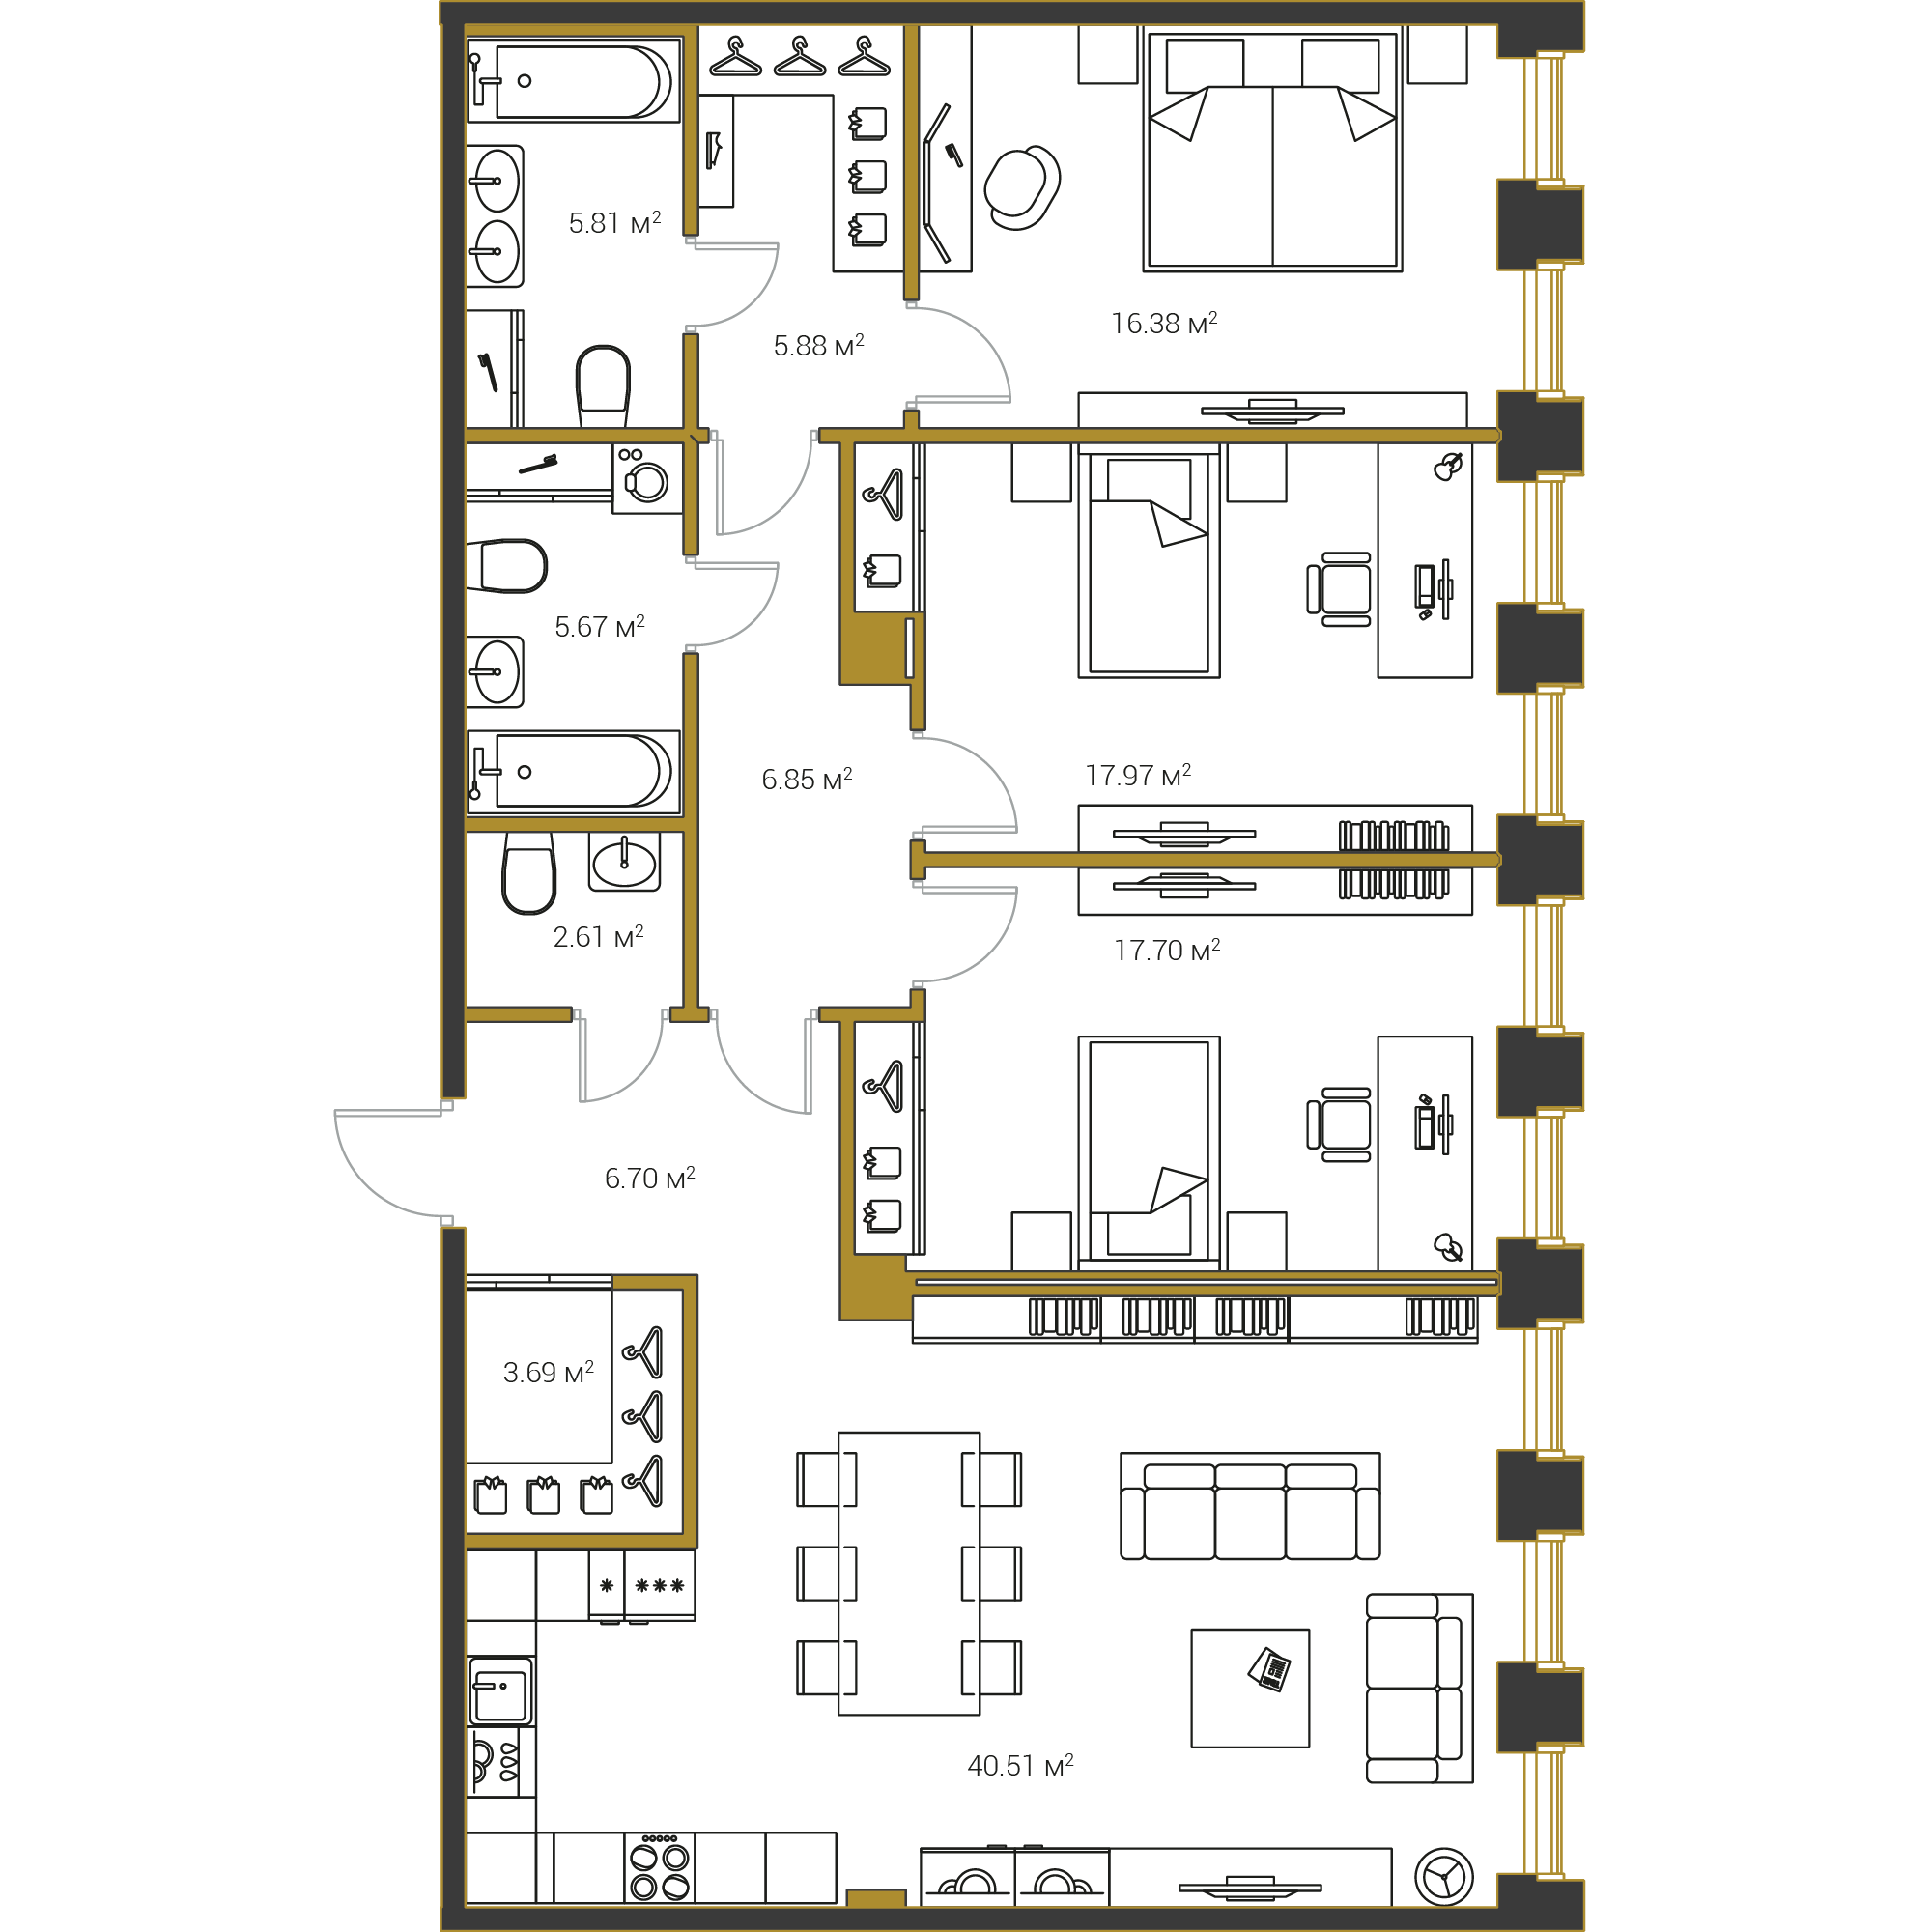 3-комнатная квартира №16 в: Институтский,16: 129.77 м²; этаж: 6 - купить в Санкт-Петербурге